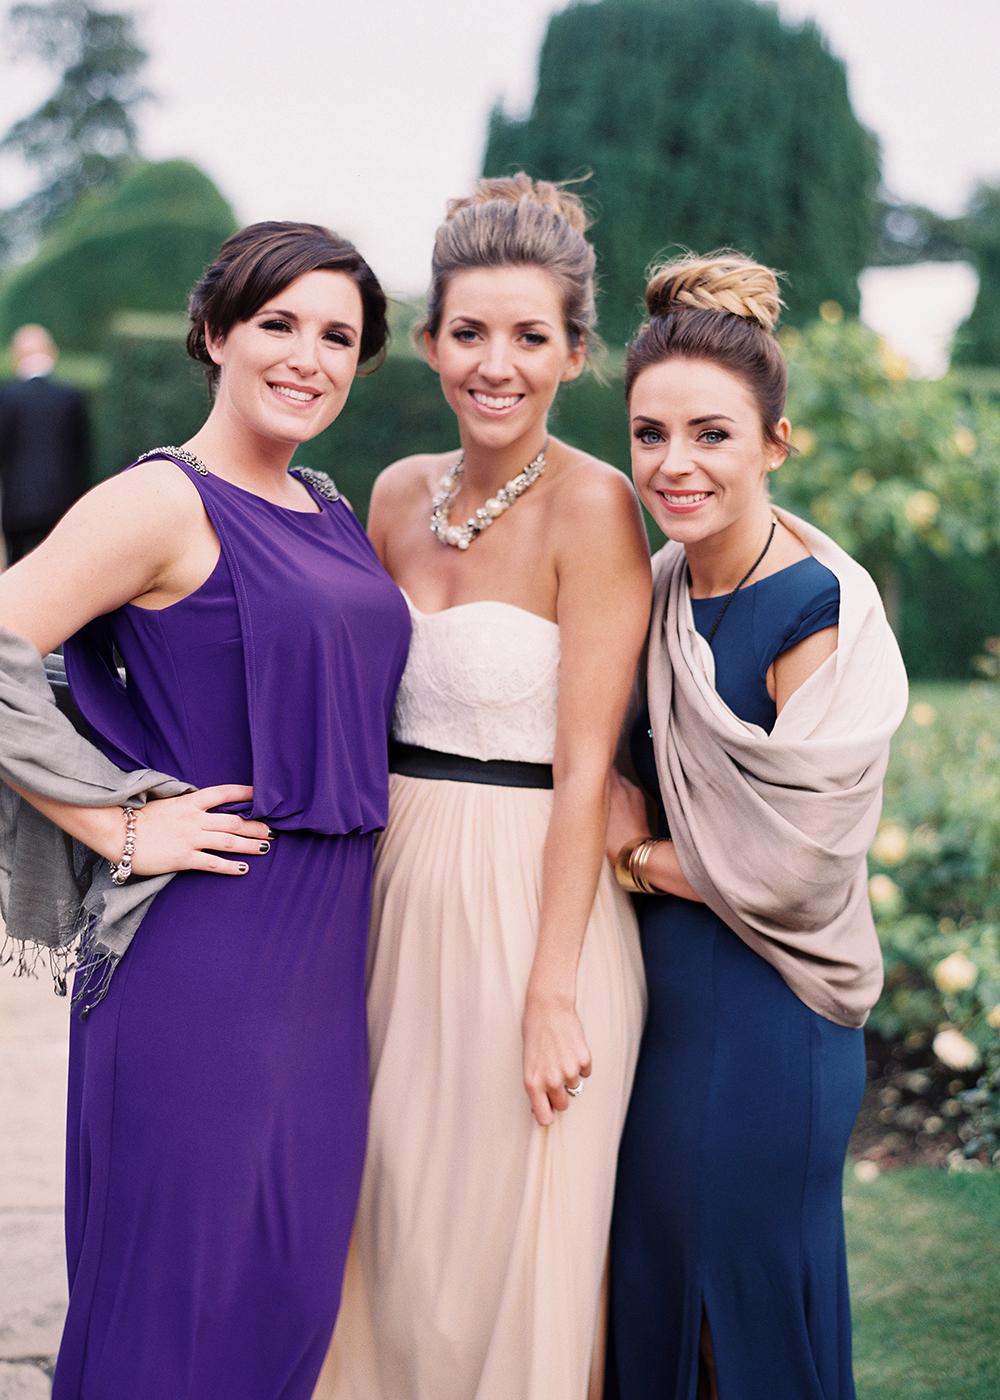 fall wedding guests attire shawls